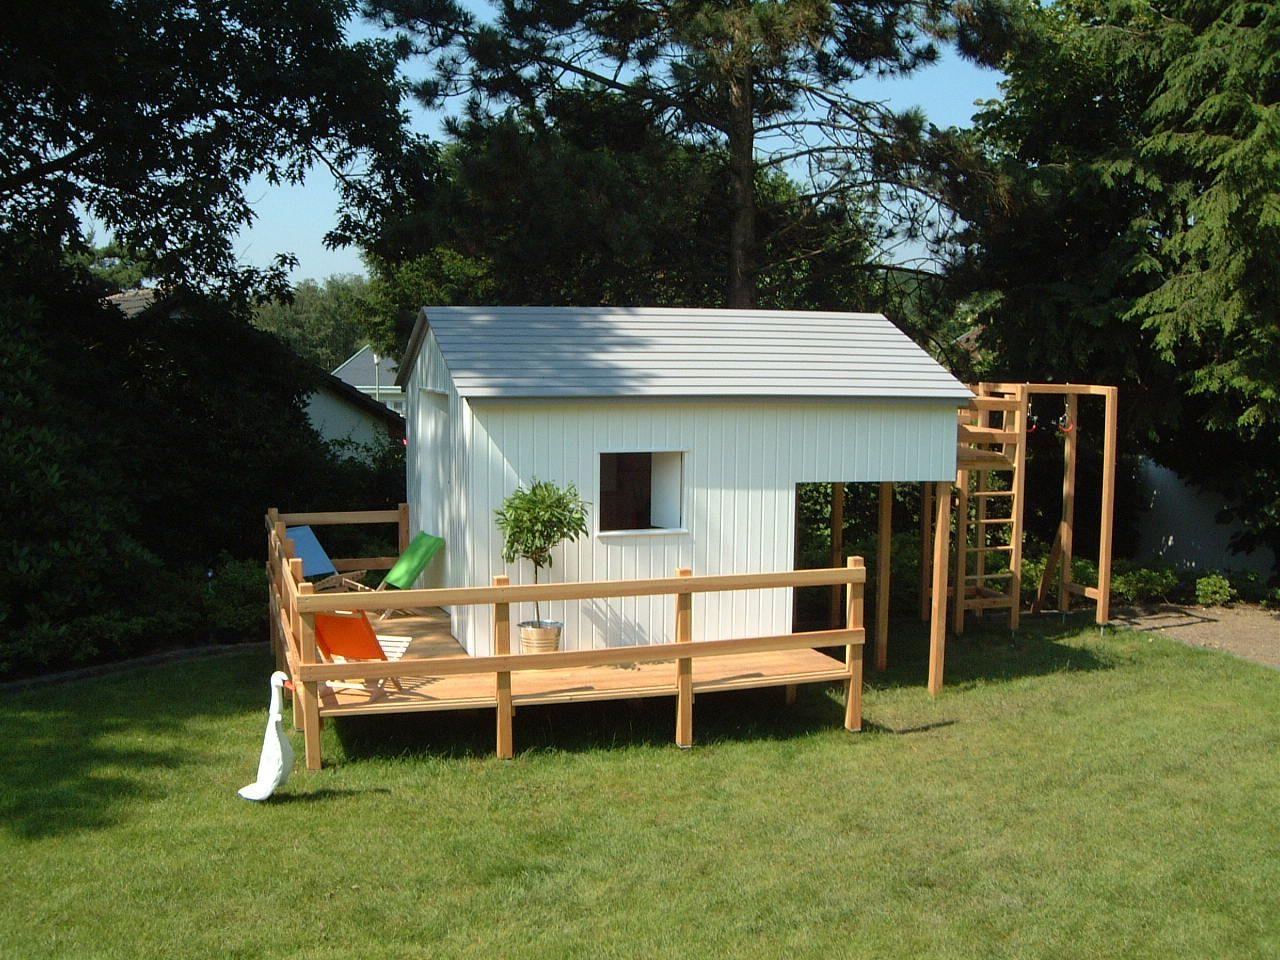 gartenhaus für kinder mit integriertem klettergerüst